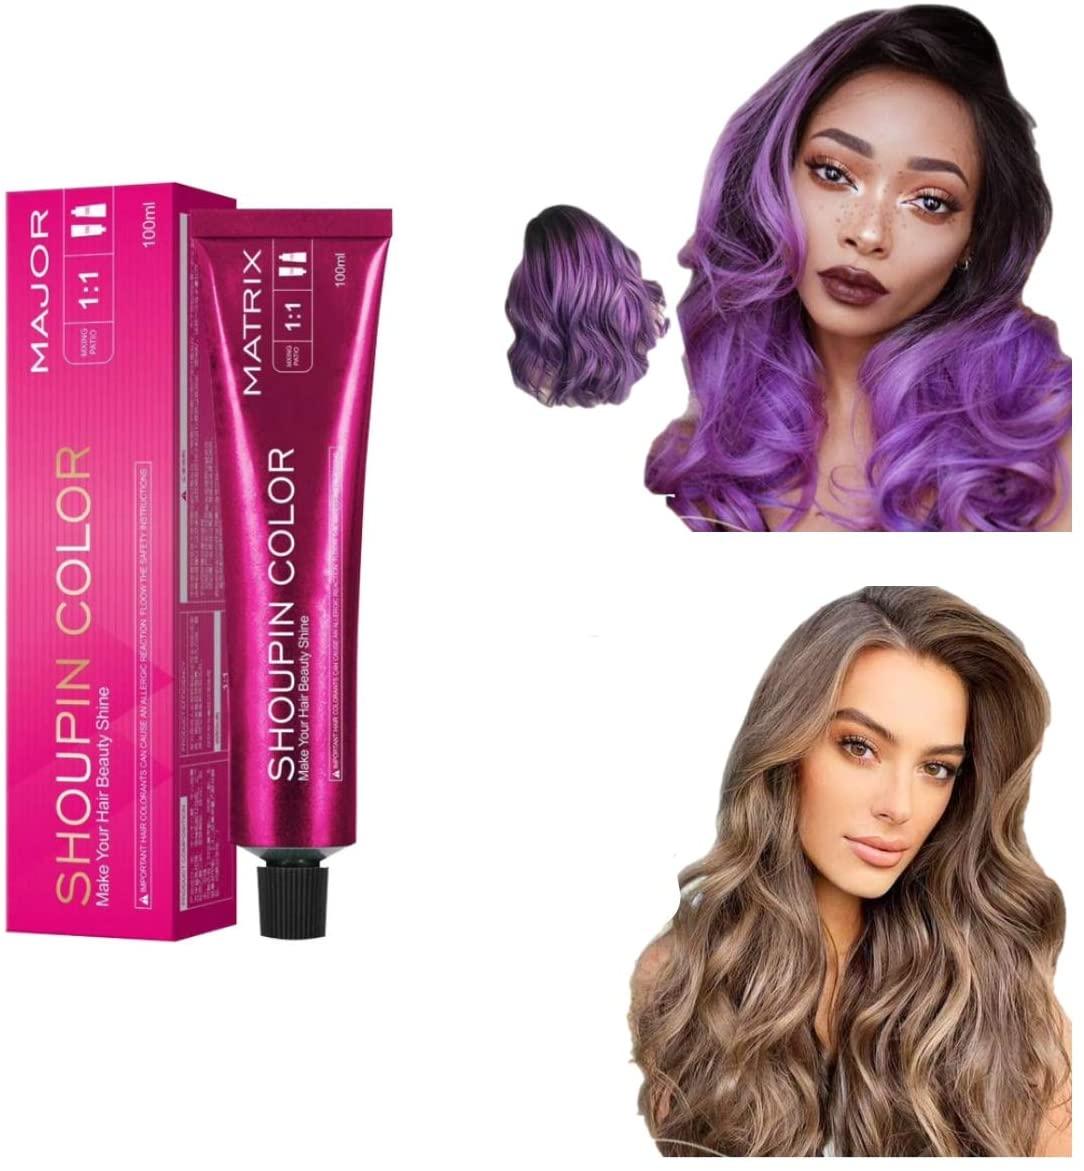 Shampoo colorante per capelli SANHAN Glamup, senza ammoniaca, vegano e cruelty free